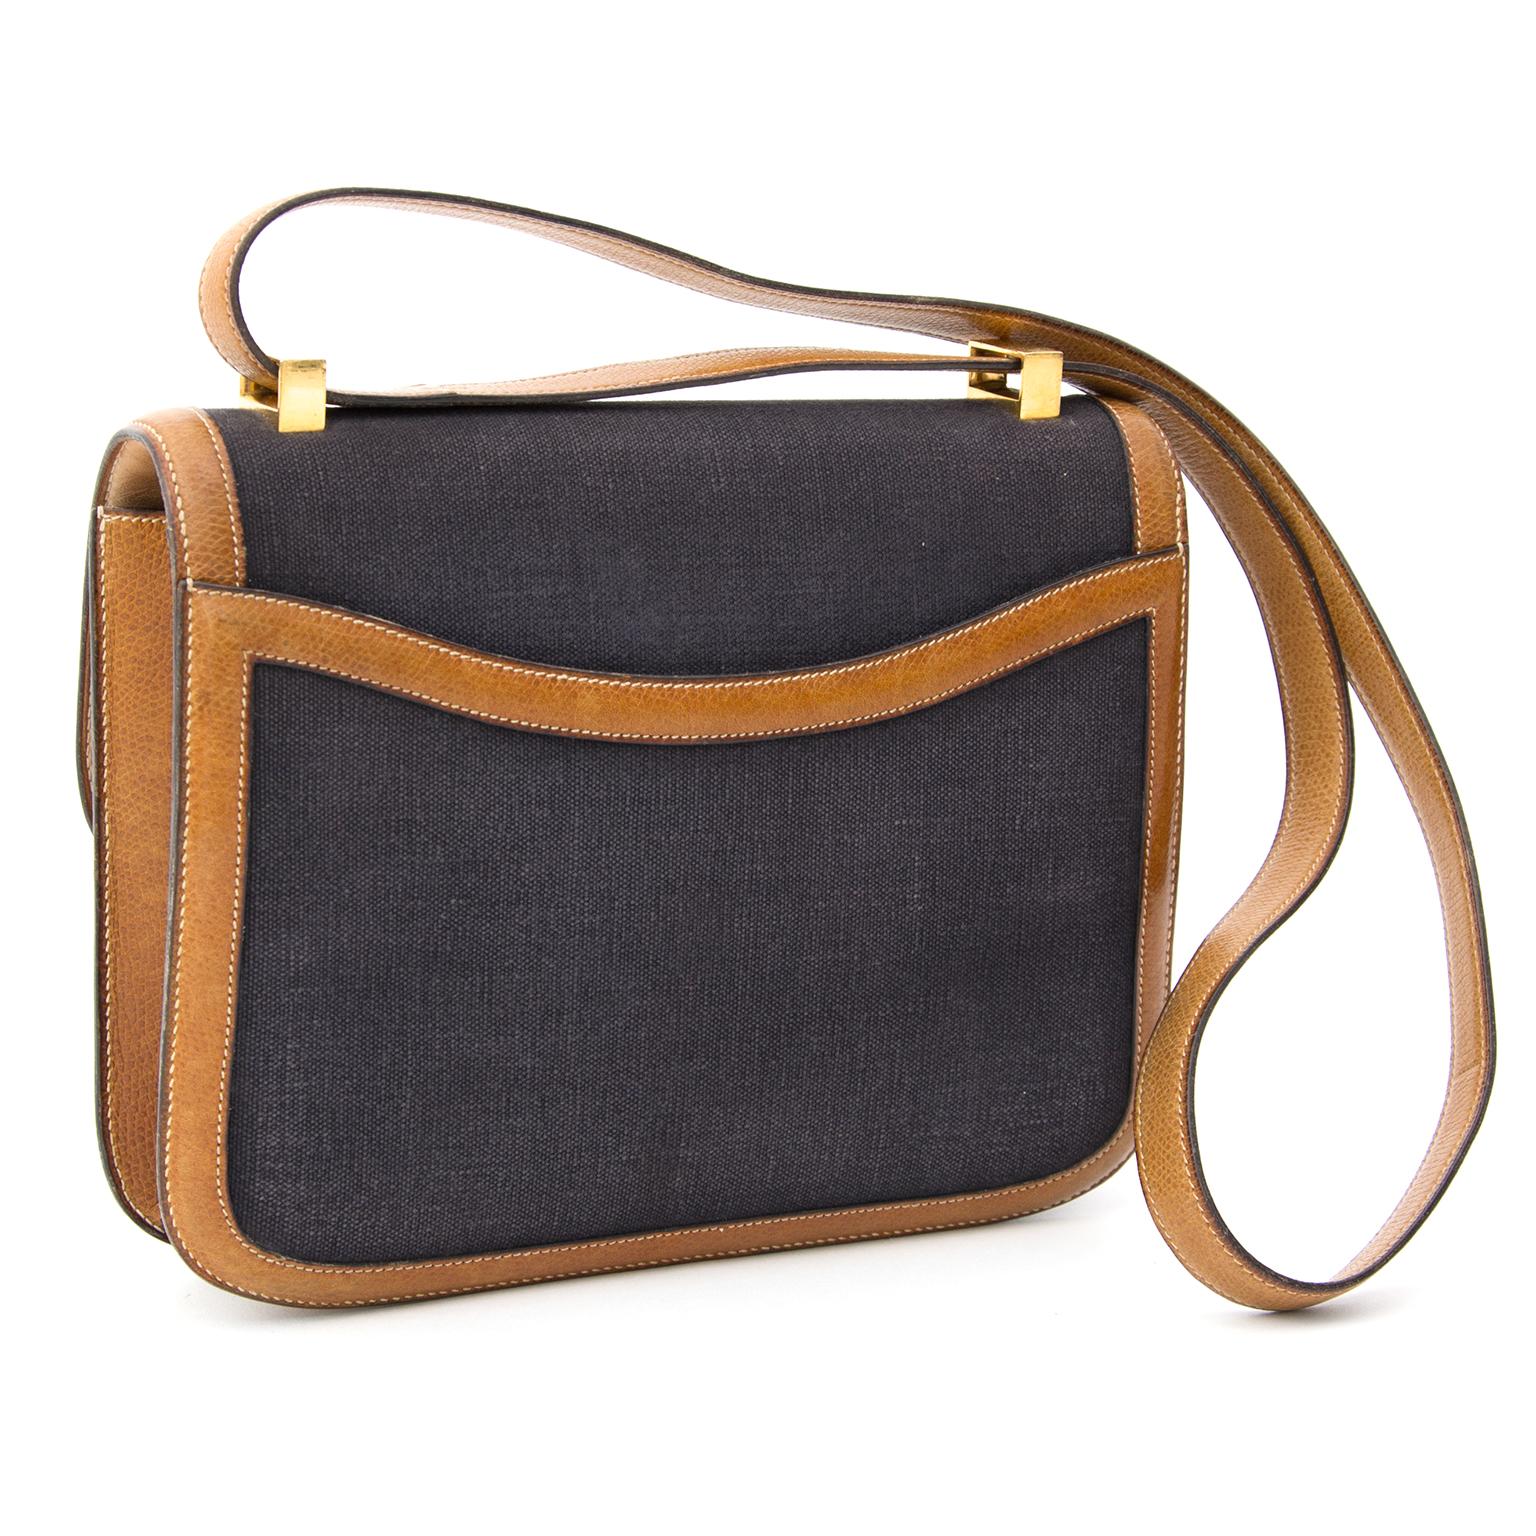 1d52bcbf7f7 ... koop veilig online tweedehands Hermes Constance Leather Canvas aan de  beste prijs